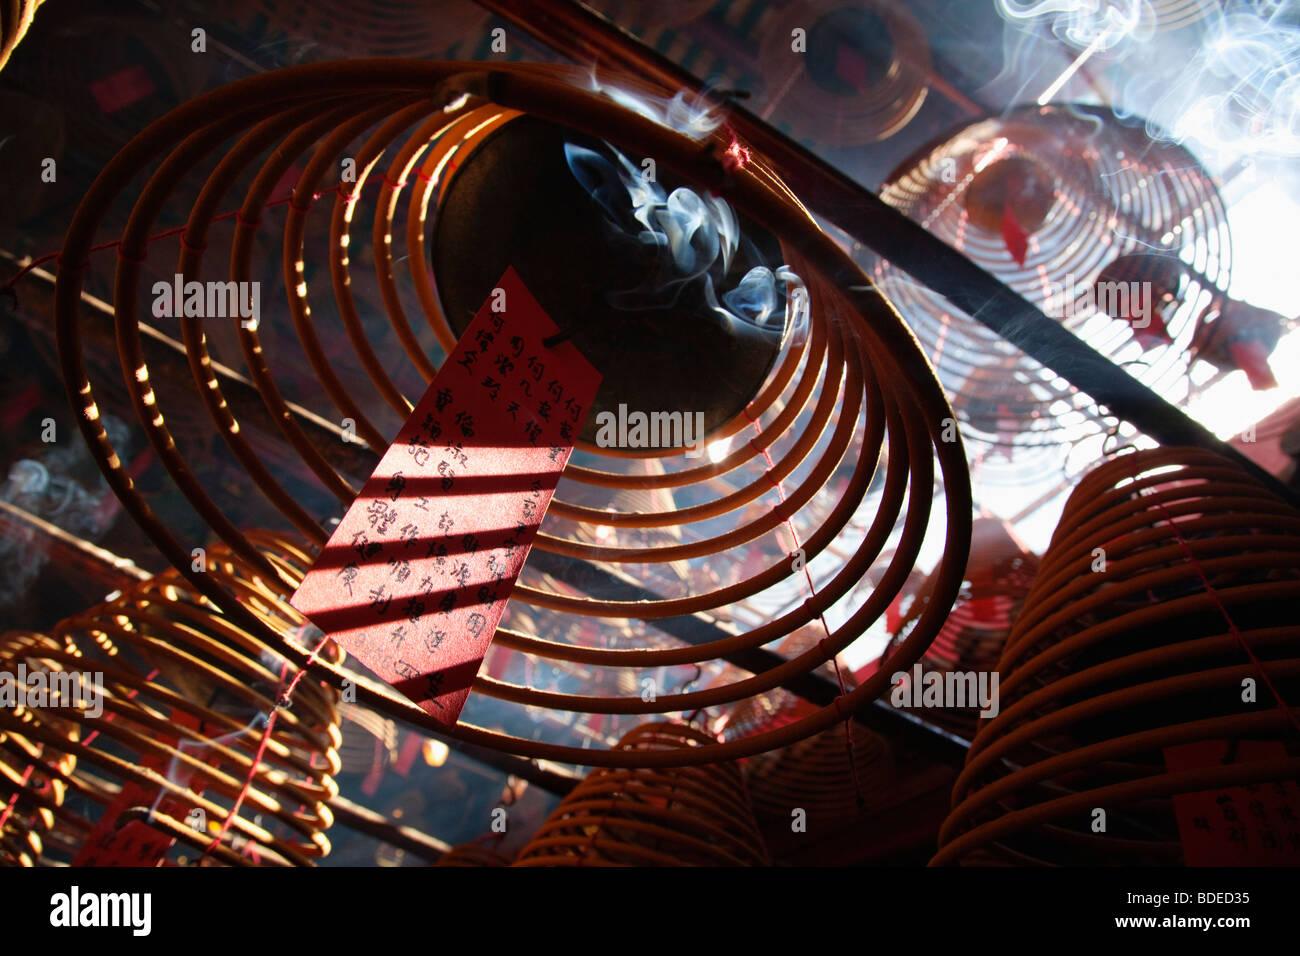 Räucherstäbchen Sie Spulen in Man Mo Tempel, Sheung Wan, Hong Kong, China. Stockbild